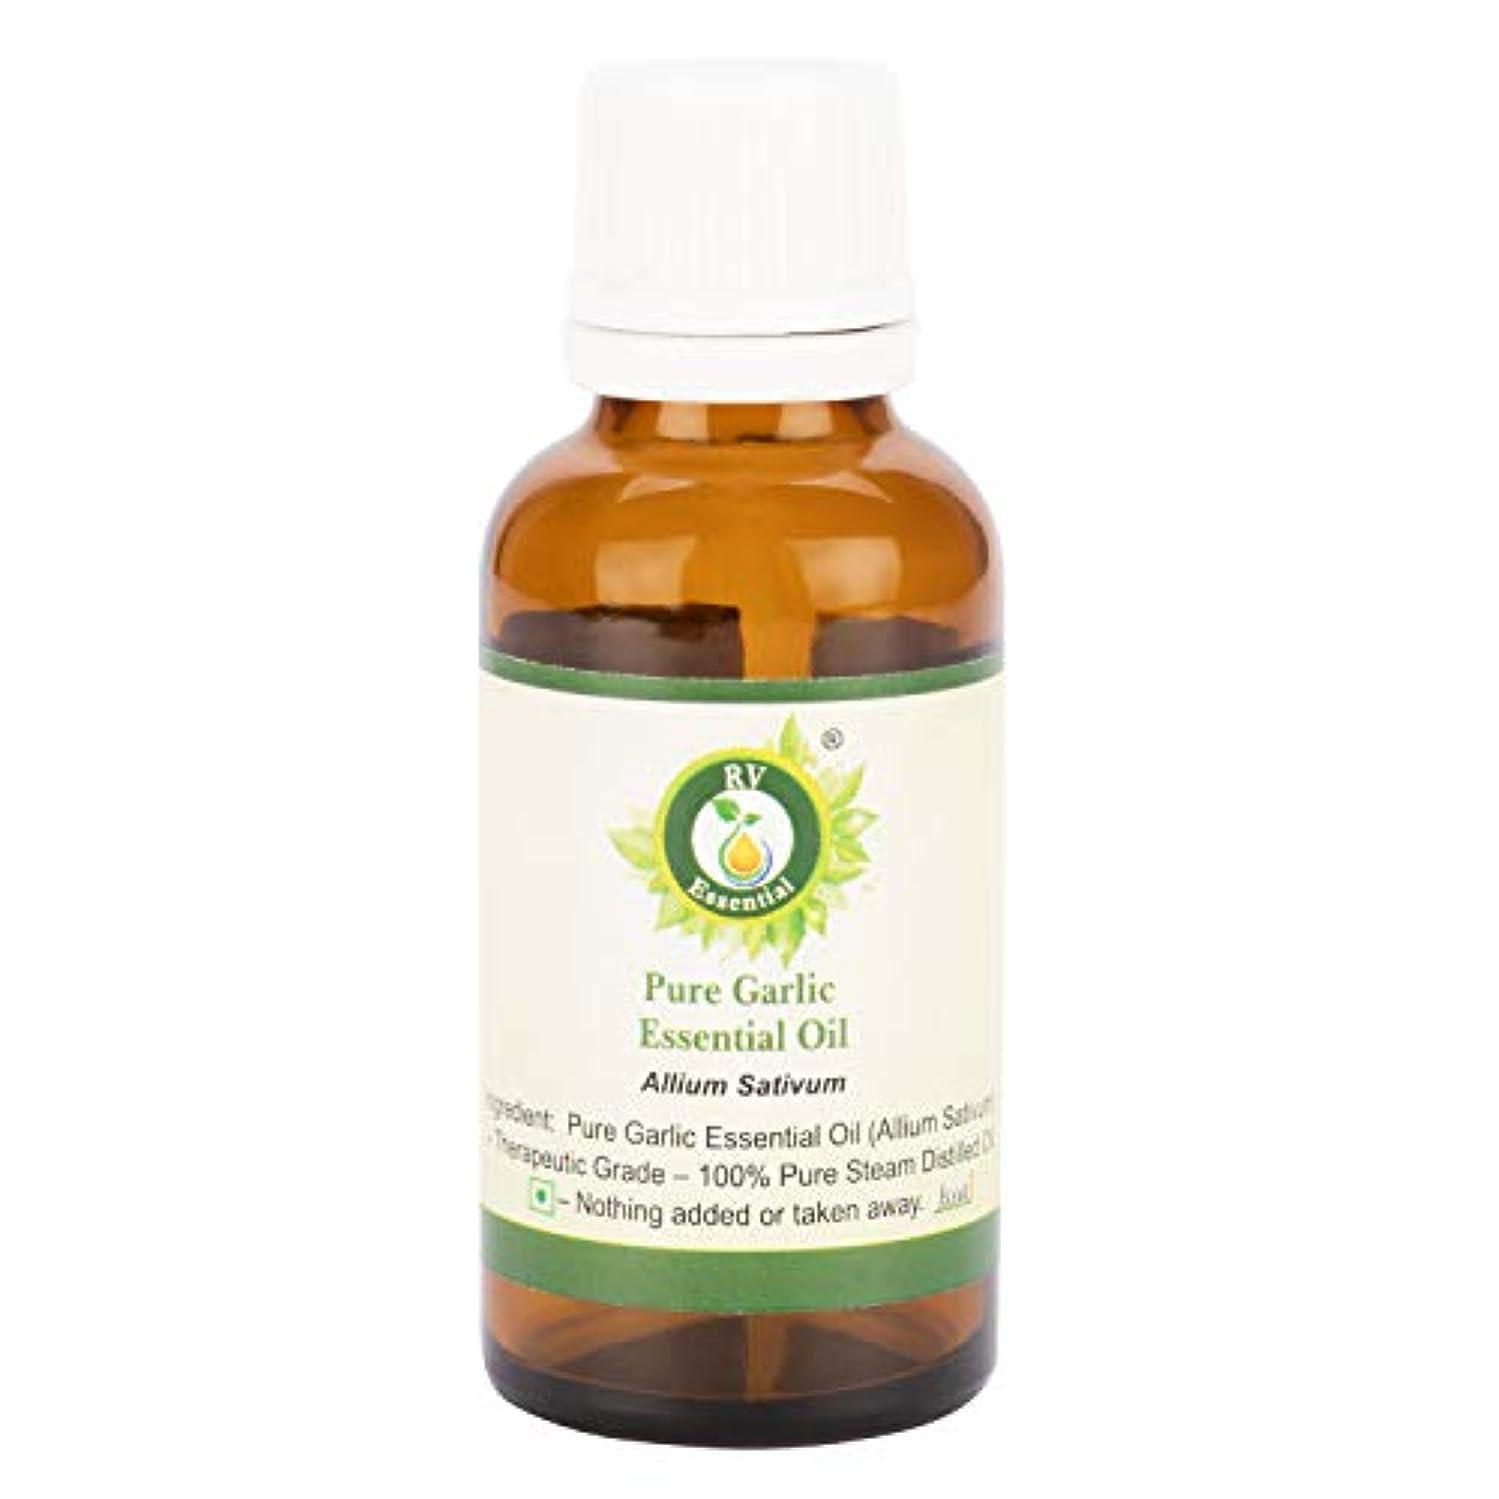 報告書本スーツケースピュアニンニクエッセンシャルオイル100ml (3.38oz)- Allium Sativum (100%純粋&天然スチームDistilled) Pure Garlic Essential Oil